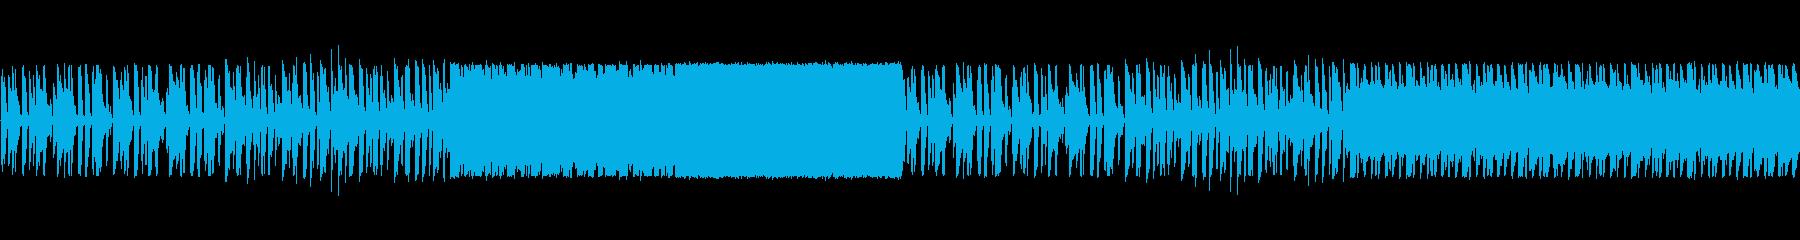 ドラムがきいたポップ調の再生済みの波形